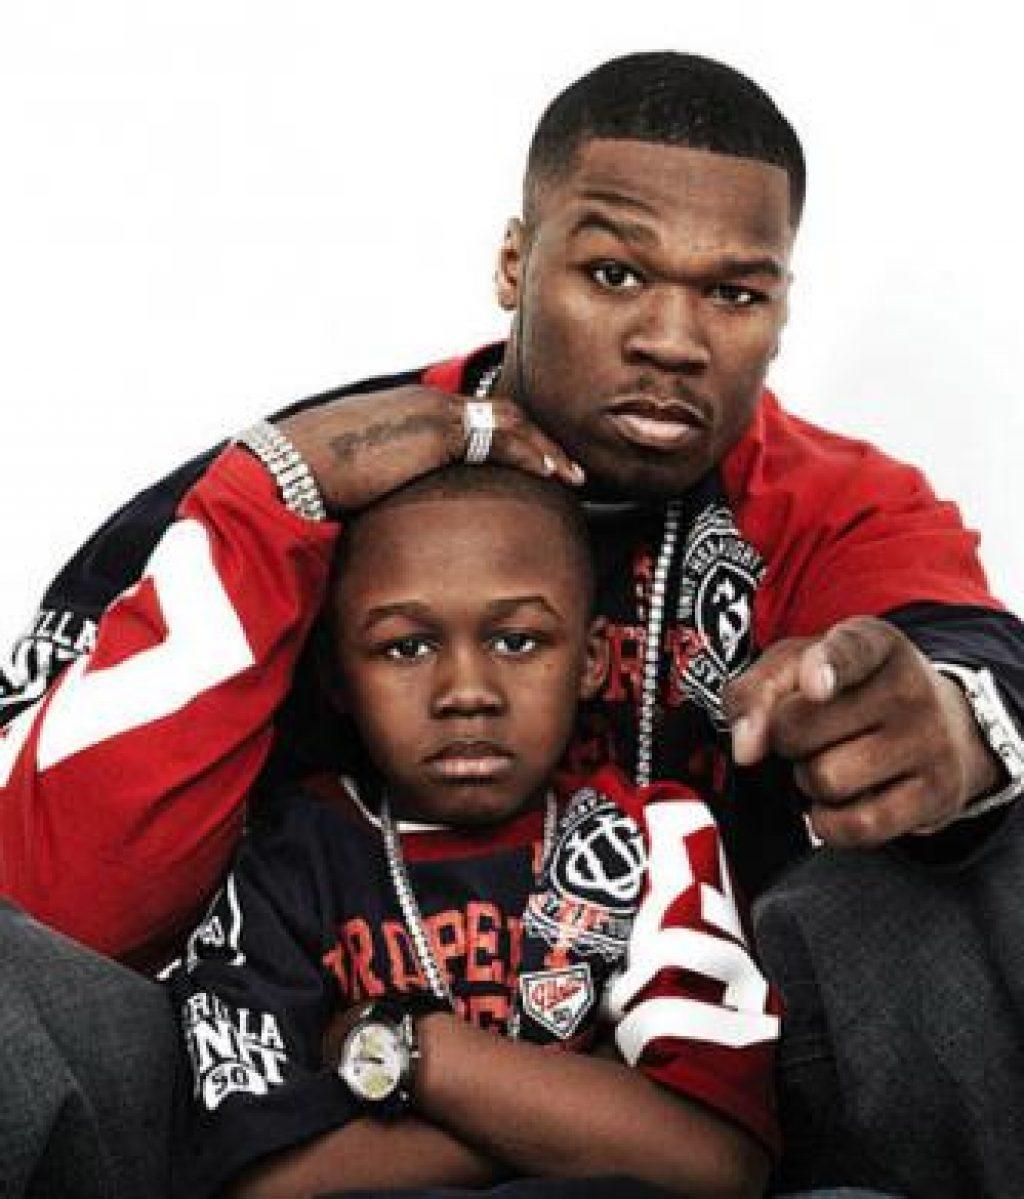 Vater und Sohn - oder doch nicht? 50 Cent und Marquise c/o madamenoire.com